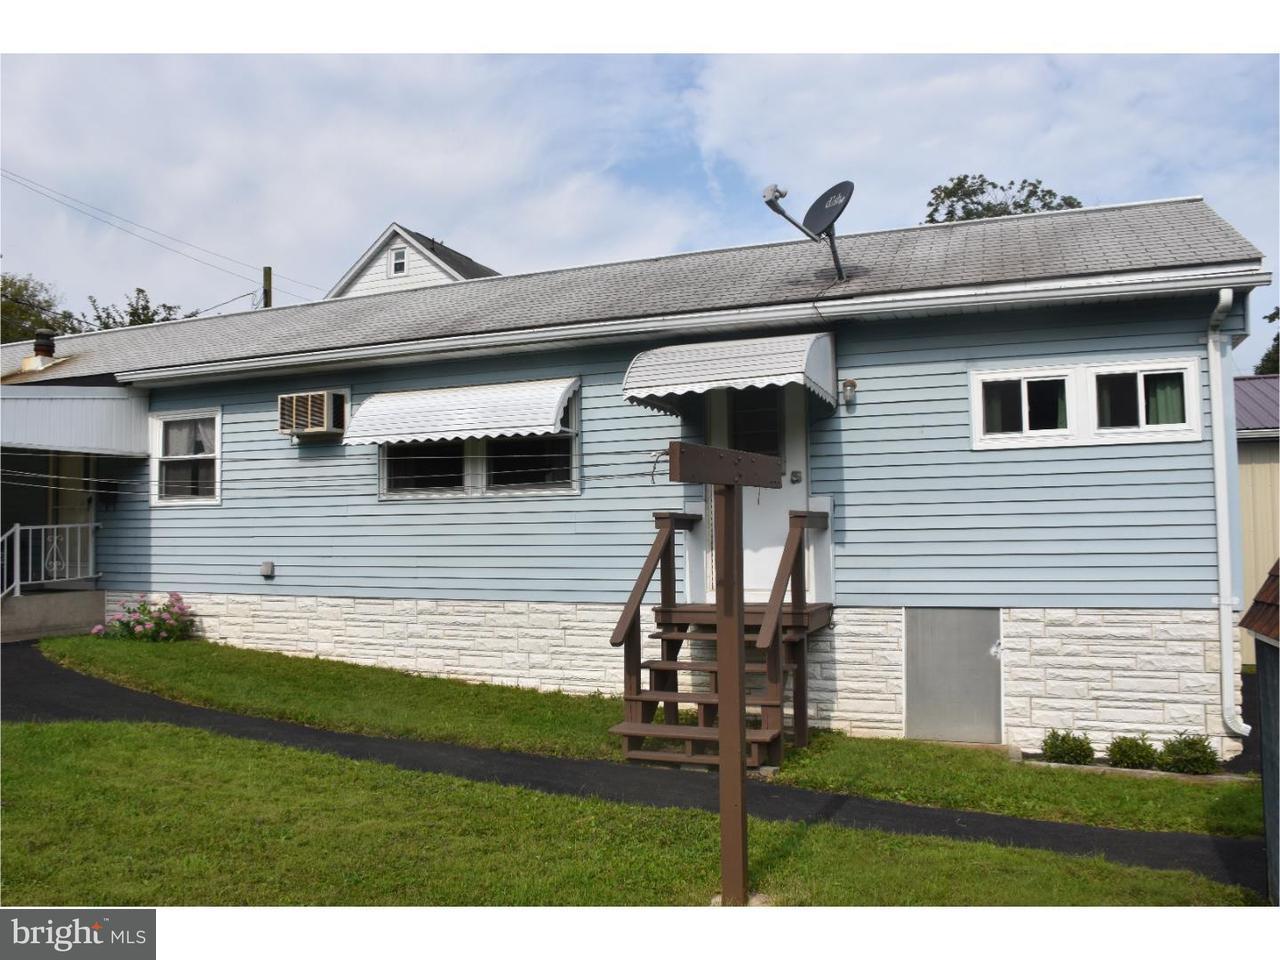 Частный односемейный дом для того Аренда на 7 SCHUMACHER Avenue Schuylkill Haven, Пенсильвания 17972 Соединенные Штаты